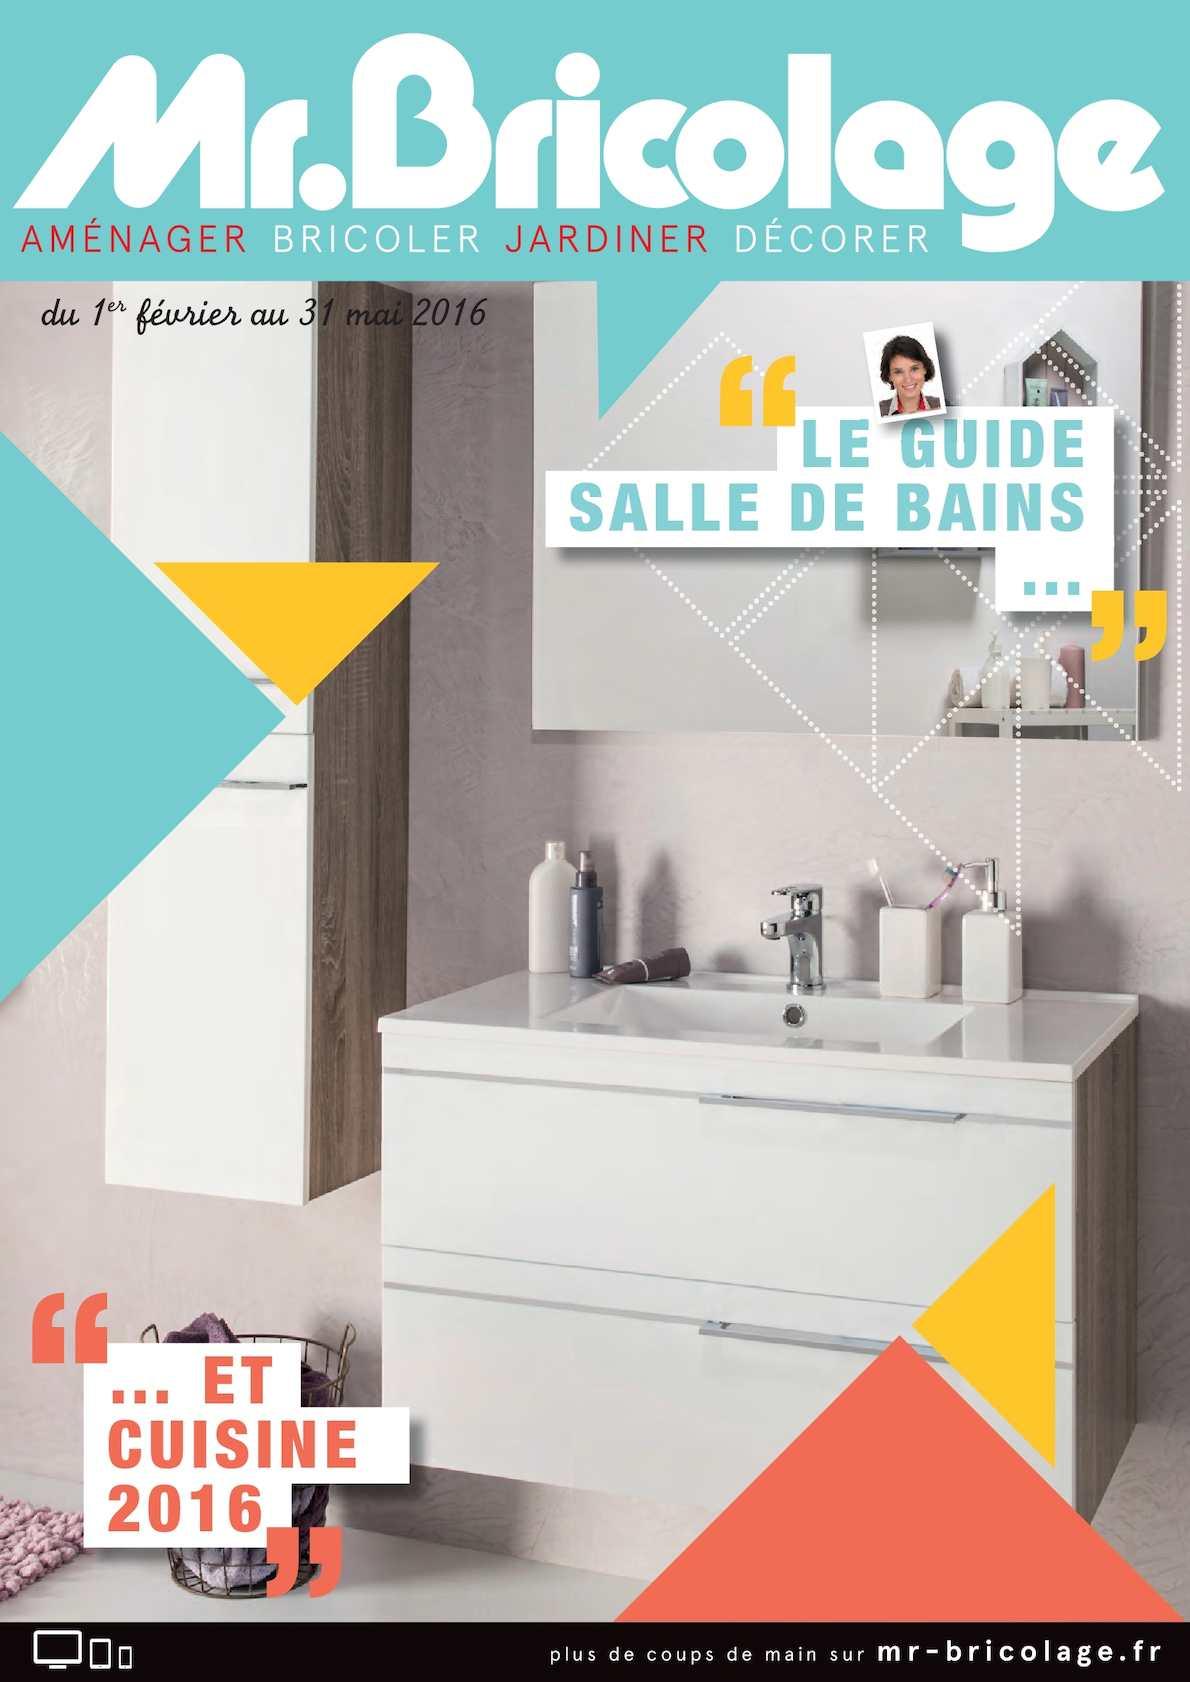 Calam o guide sdb 72p - Mr bricolage salle de bain ...